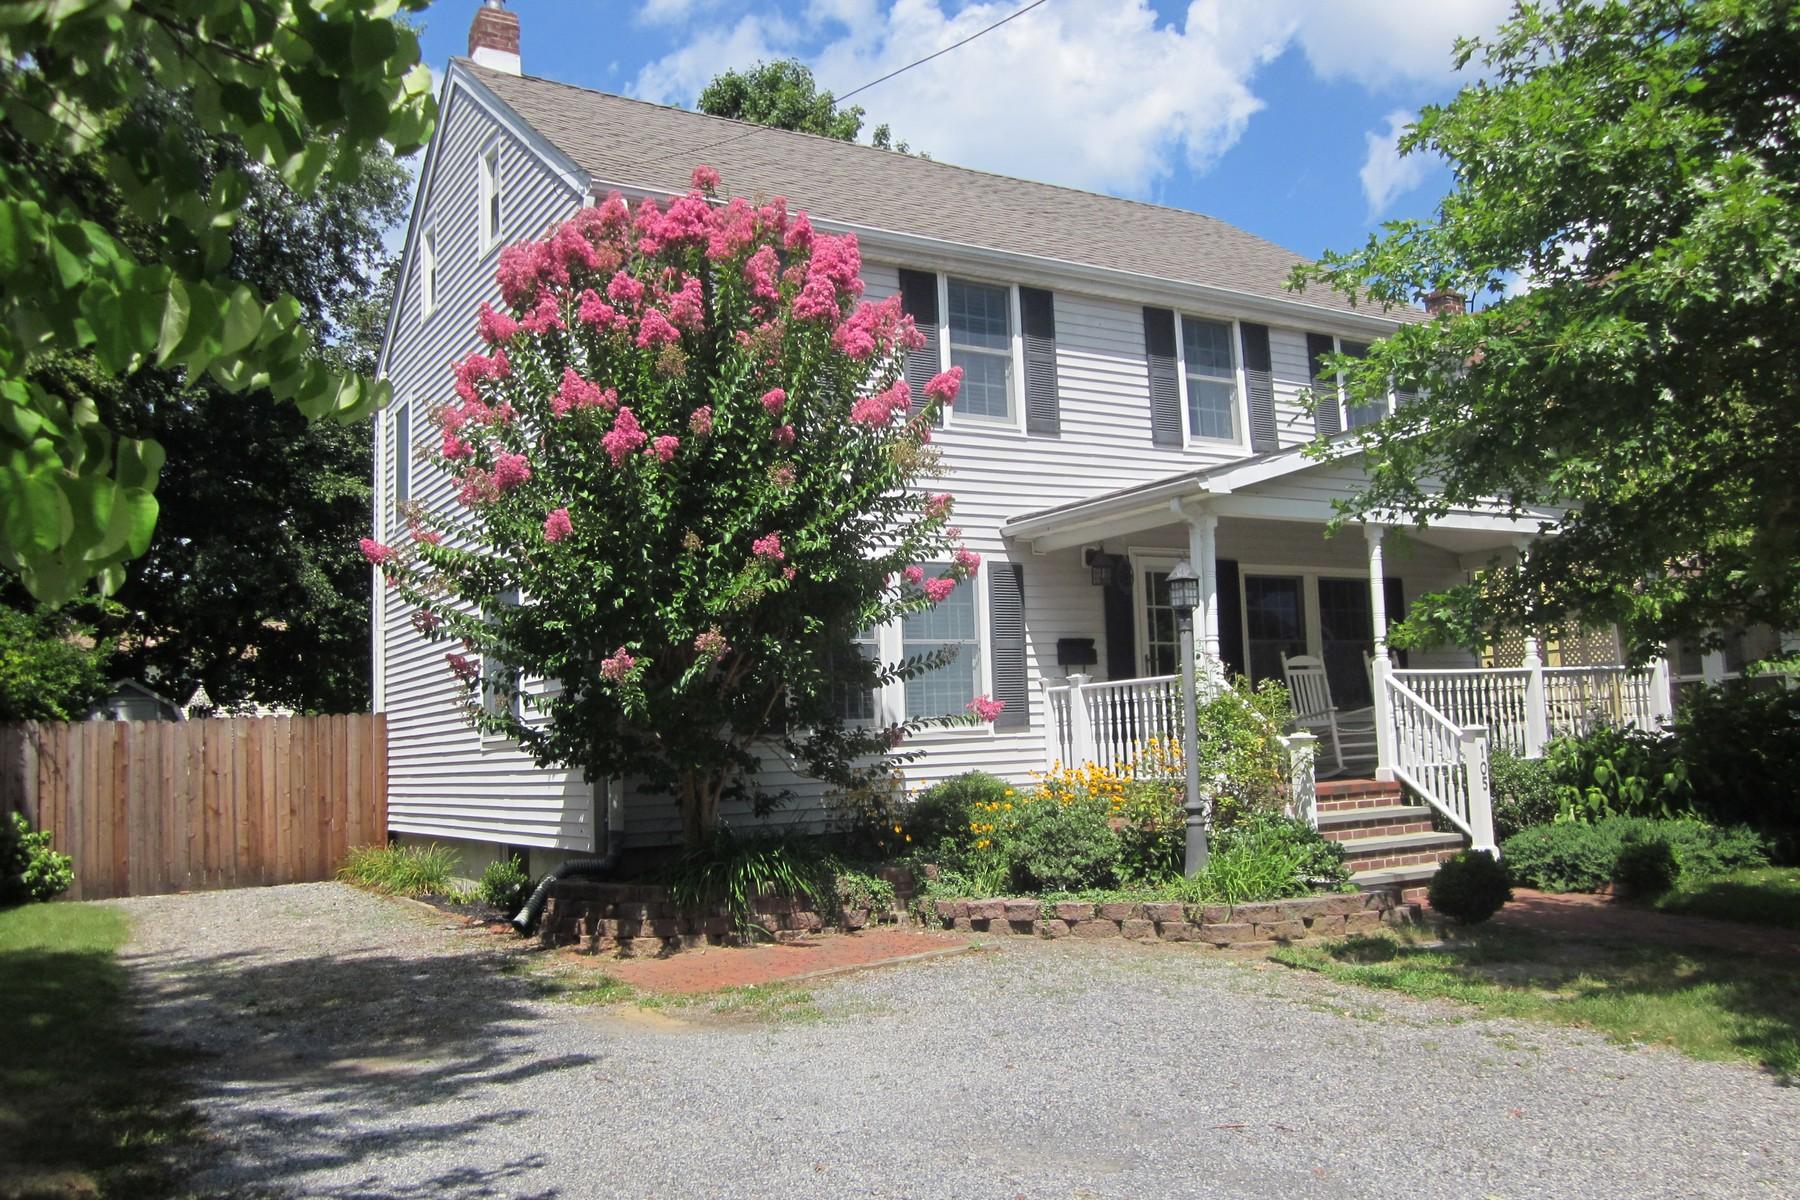 Villa per Vendita alle ore Fair Haven Affordable Colonial 105 Parker Ave Fair Haven, New Jersey, 07704 Stati Uniti